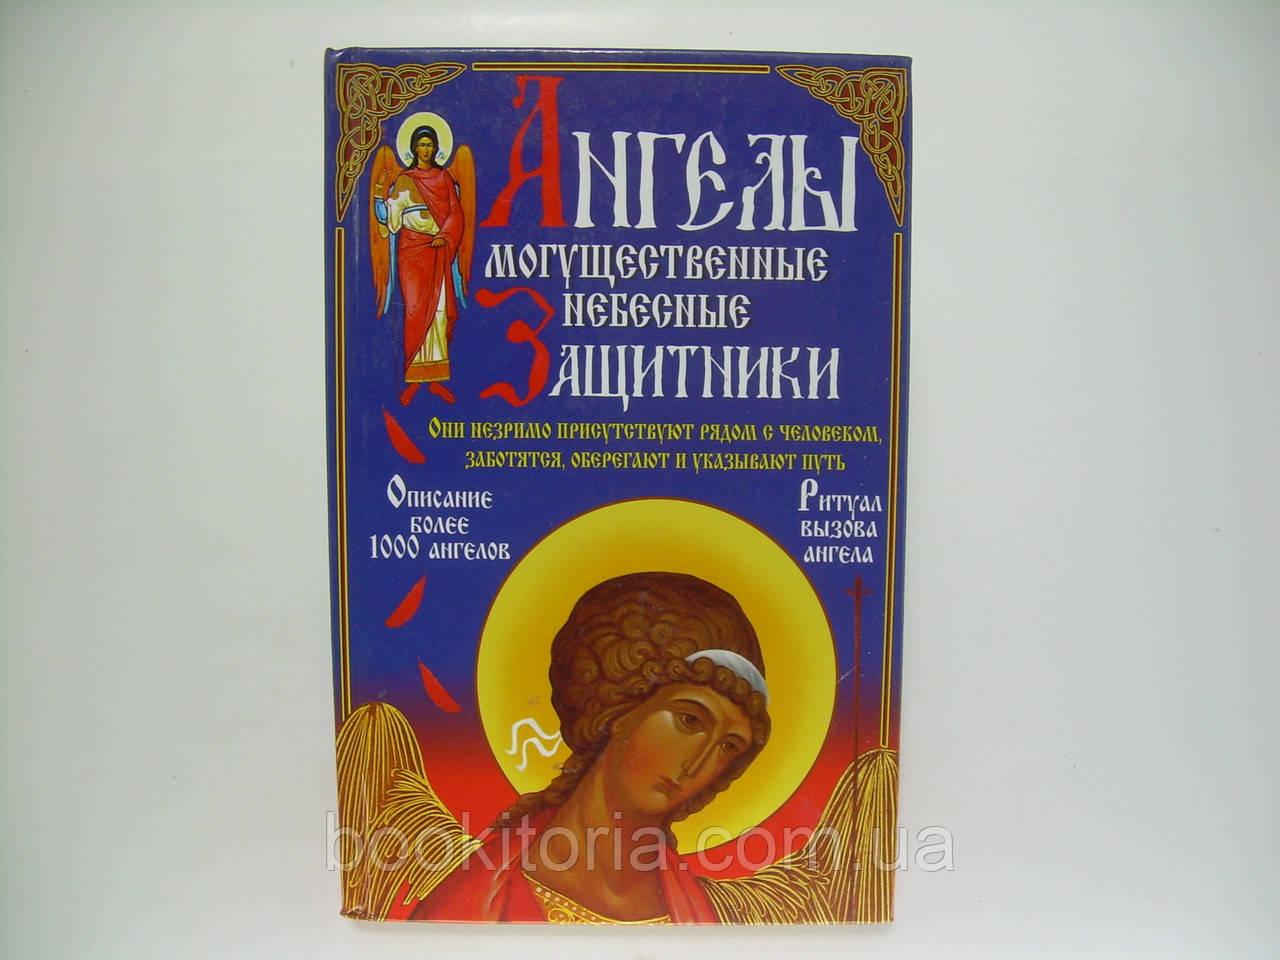 Корнеев А. Ангелы – могущественные небесные защитники (б/у).